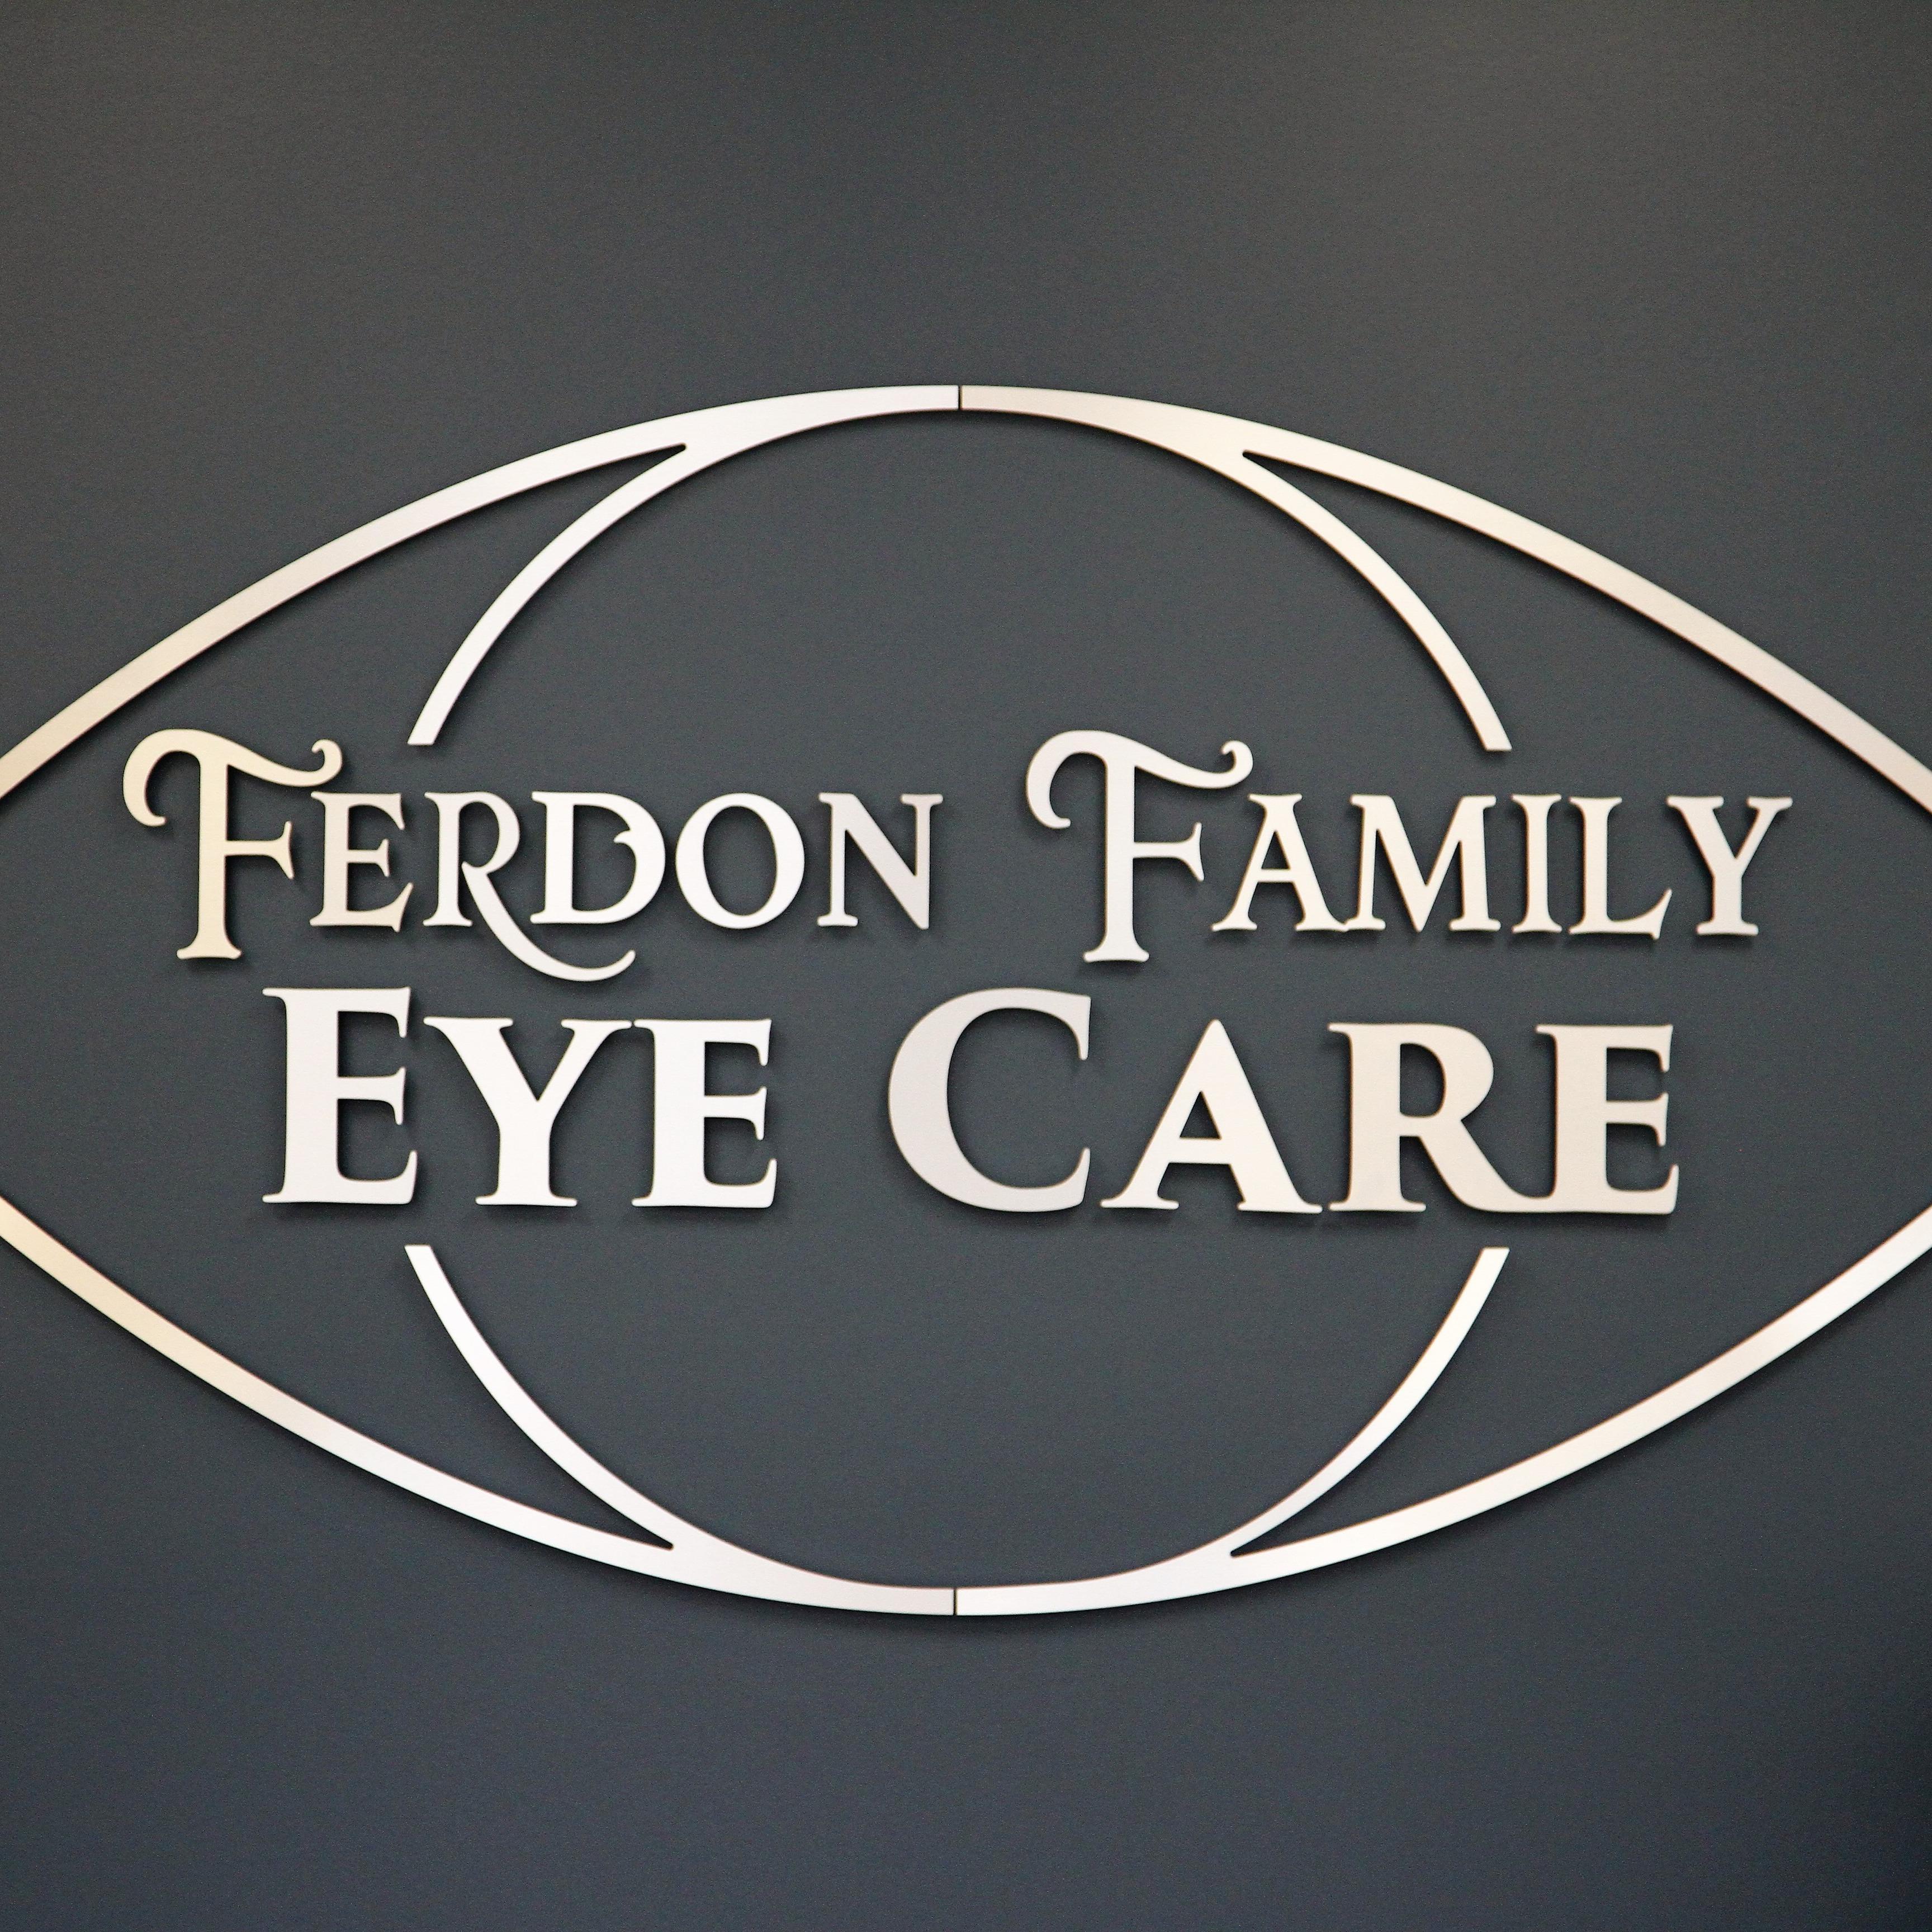 Ferdon Family Eye Care